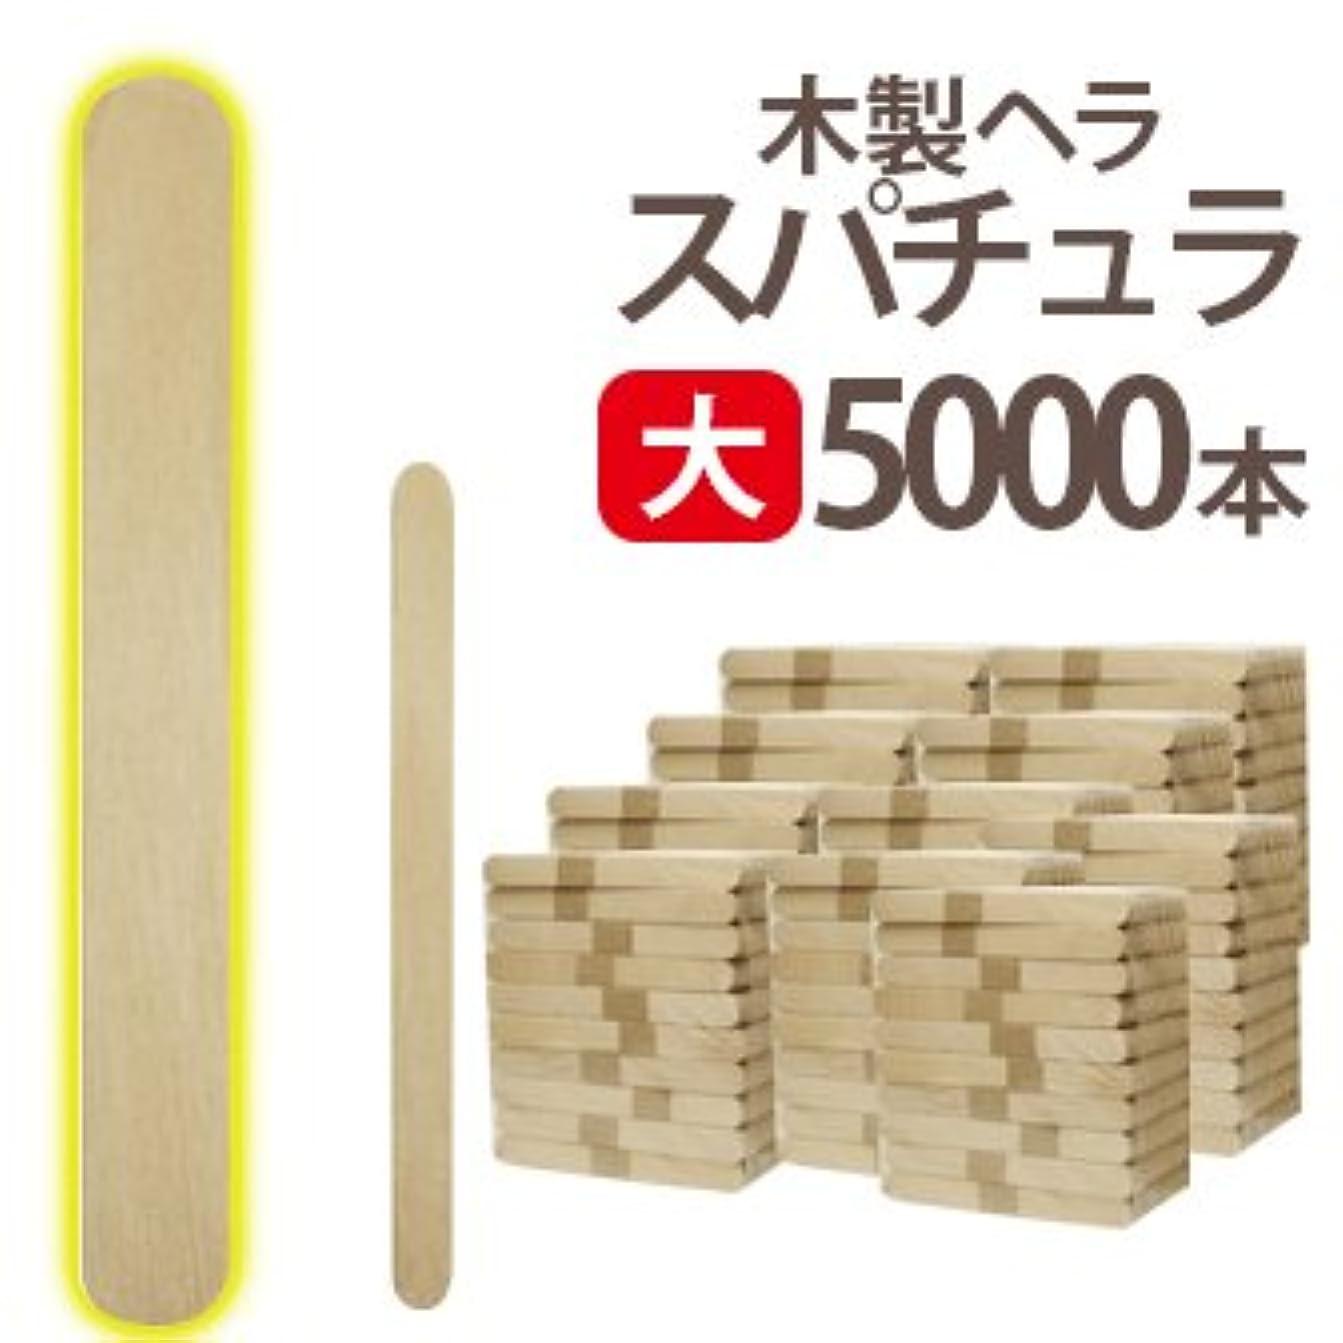 発症きつく愛情大 ブラジリアンワックス 業務用5000本 スパチュラ Aタイプ(個別梱包なし 150×16)